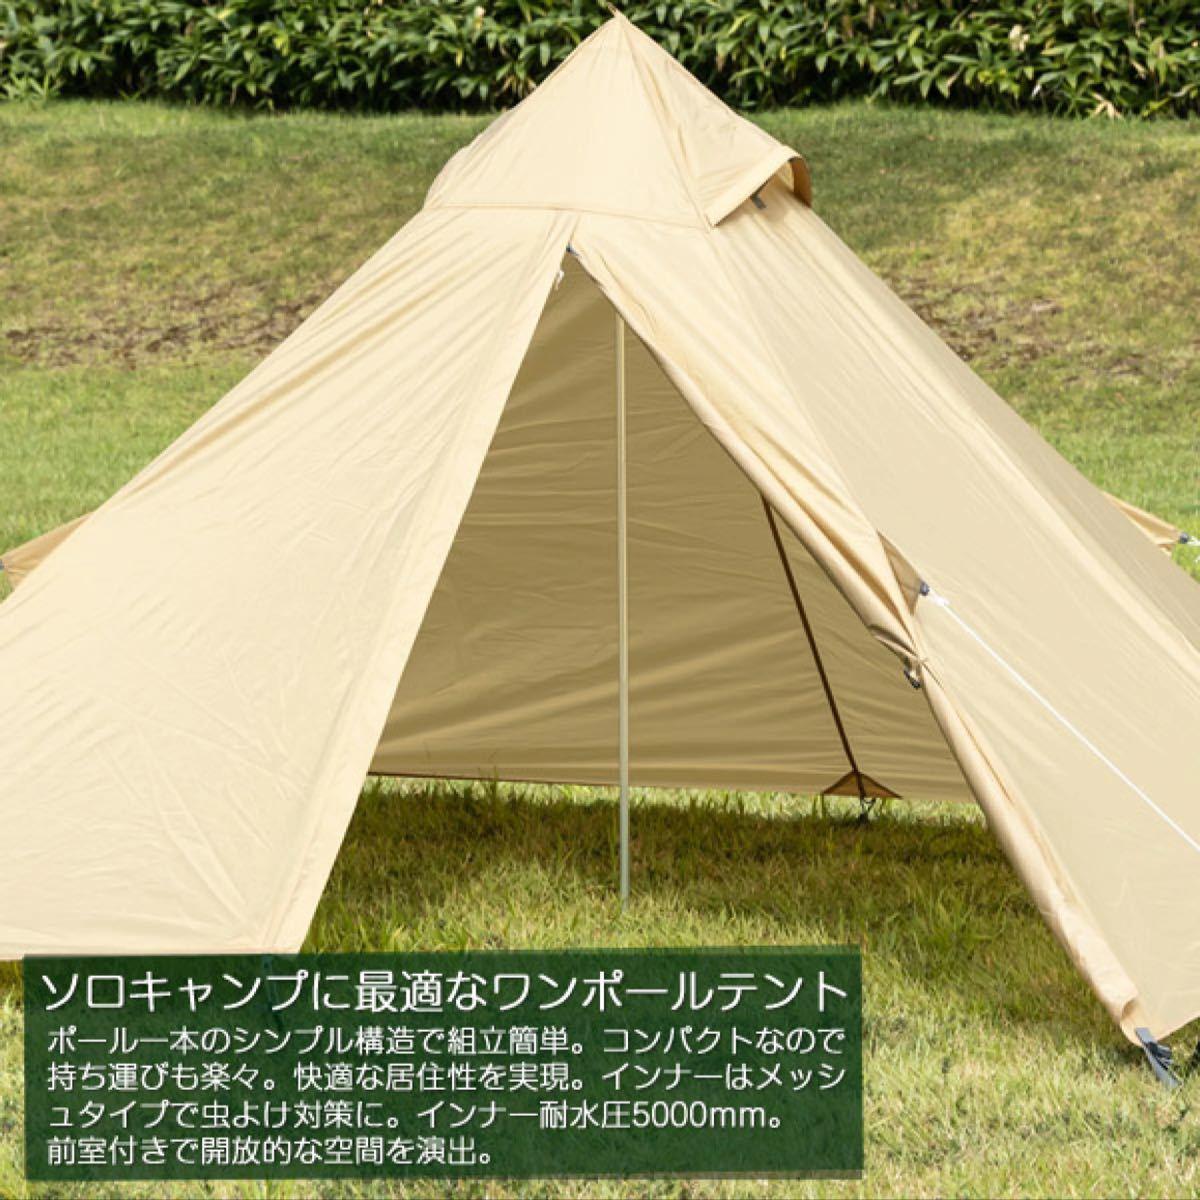 【ソロキャンプ】BUNDOK バンドック ソロティピー カーキー /BDK-75